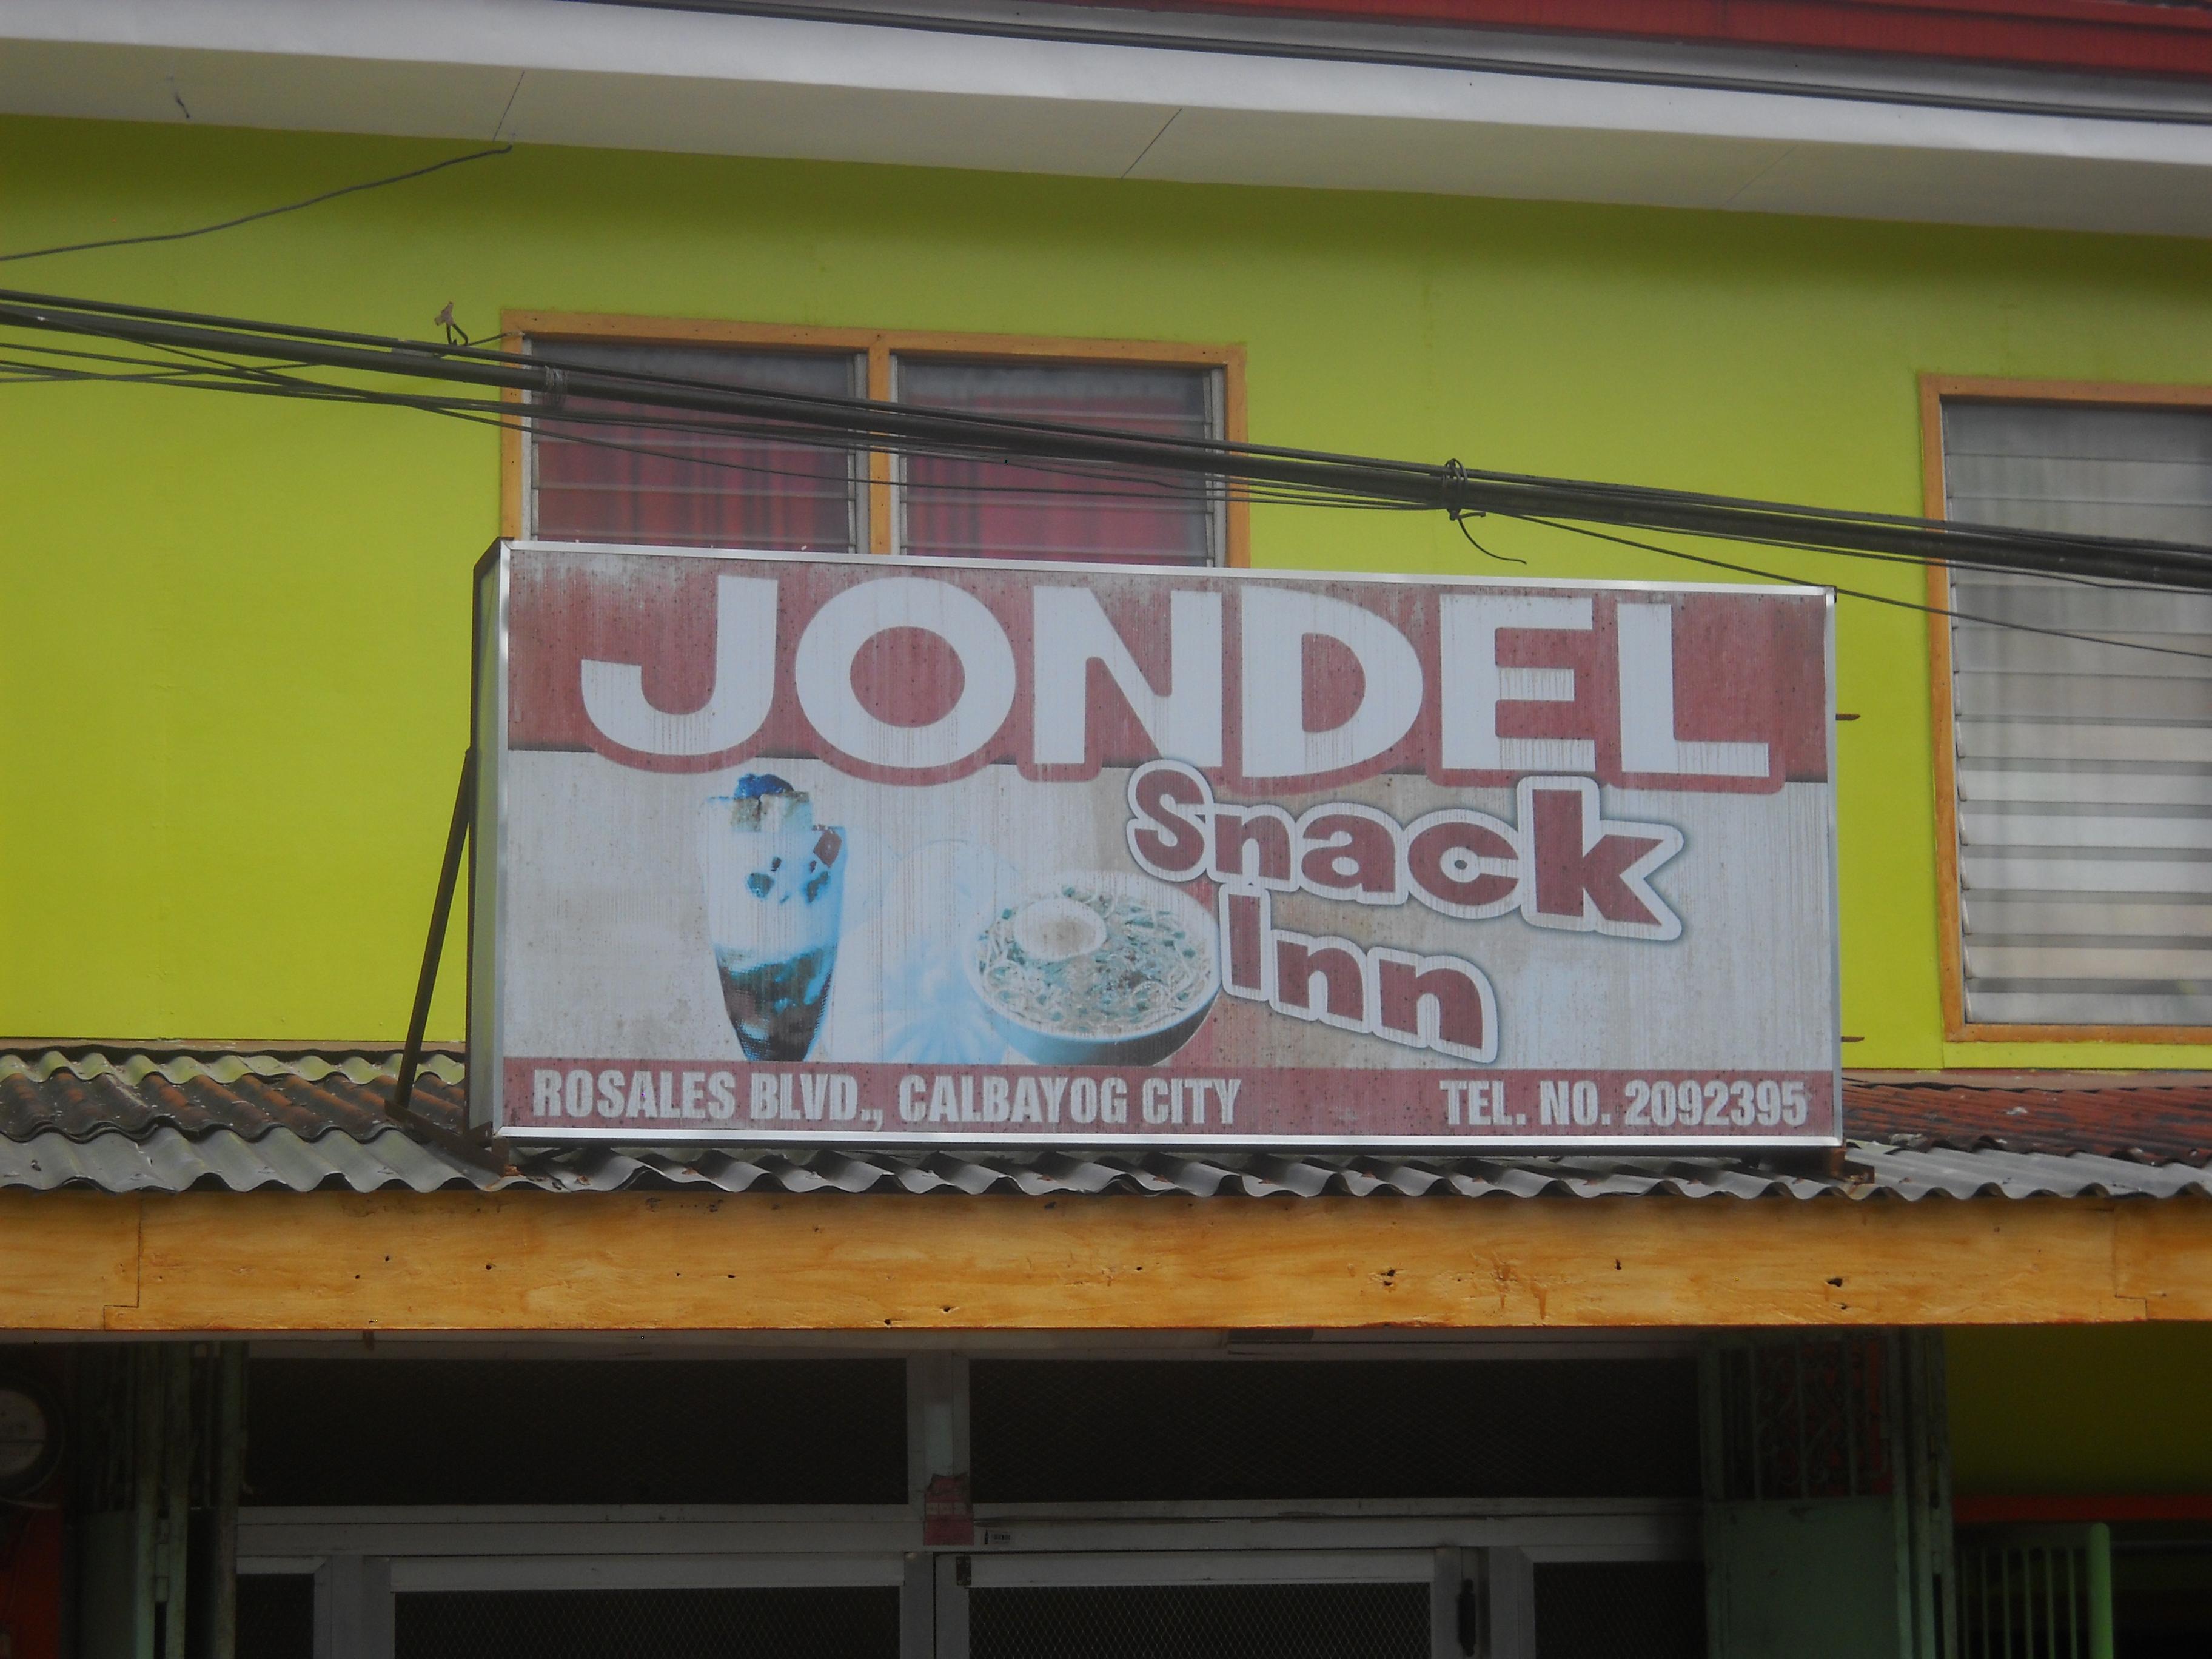 Jondel Snack Inn